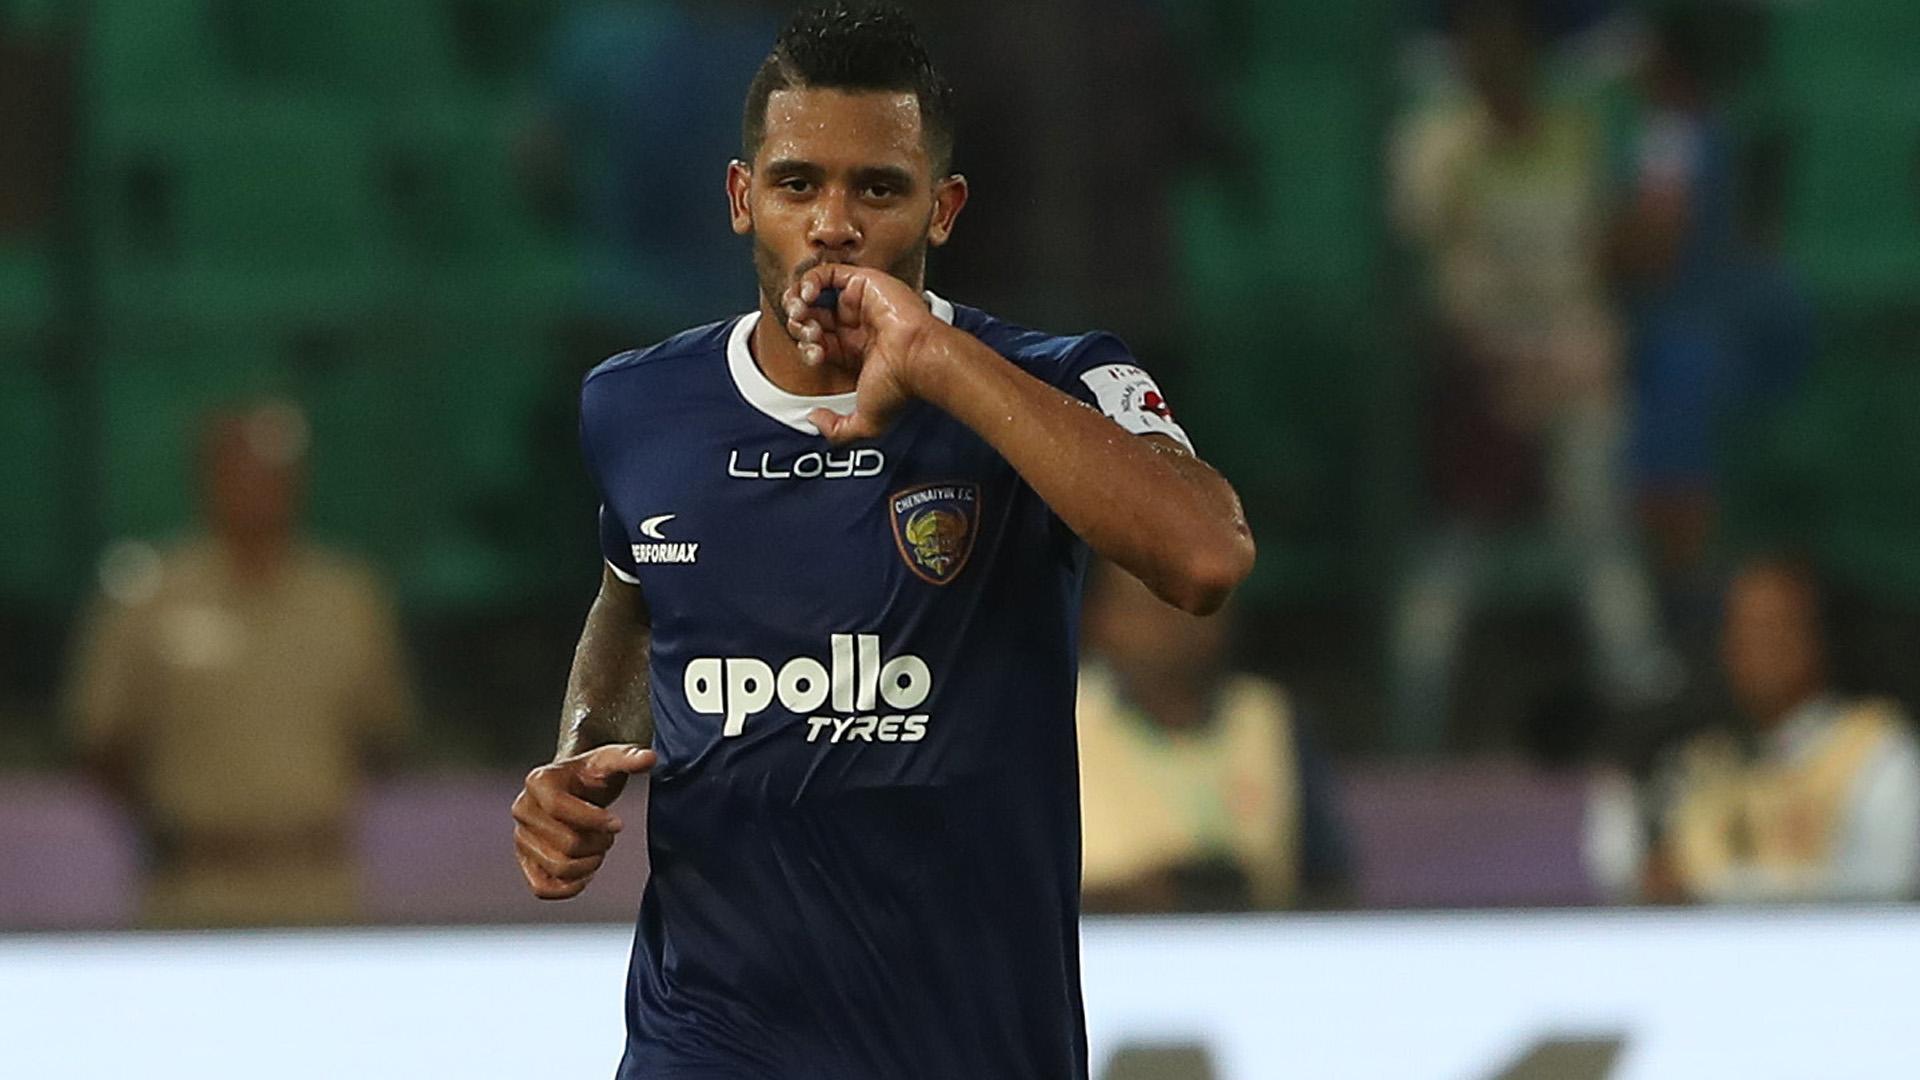 Raphael Augusto Chennaiyin FC FC Goa ISL season 4 2017/2018